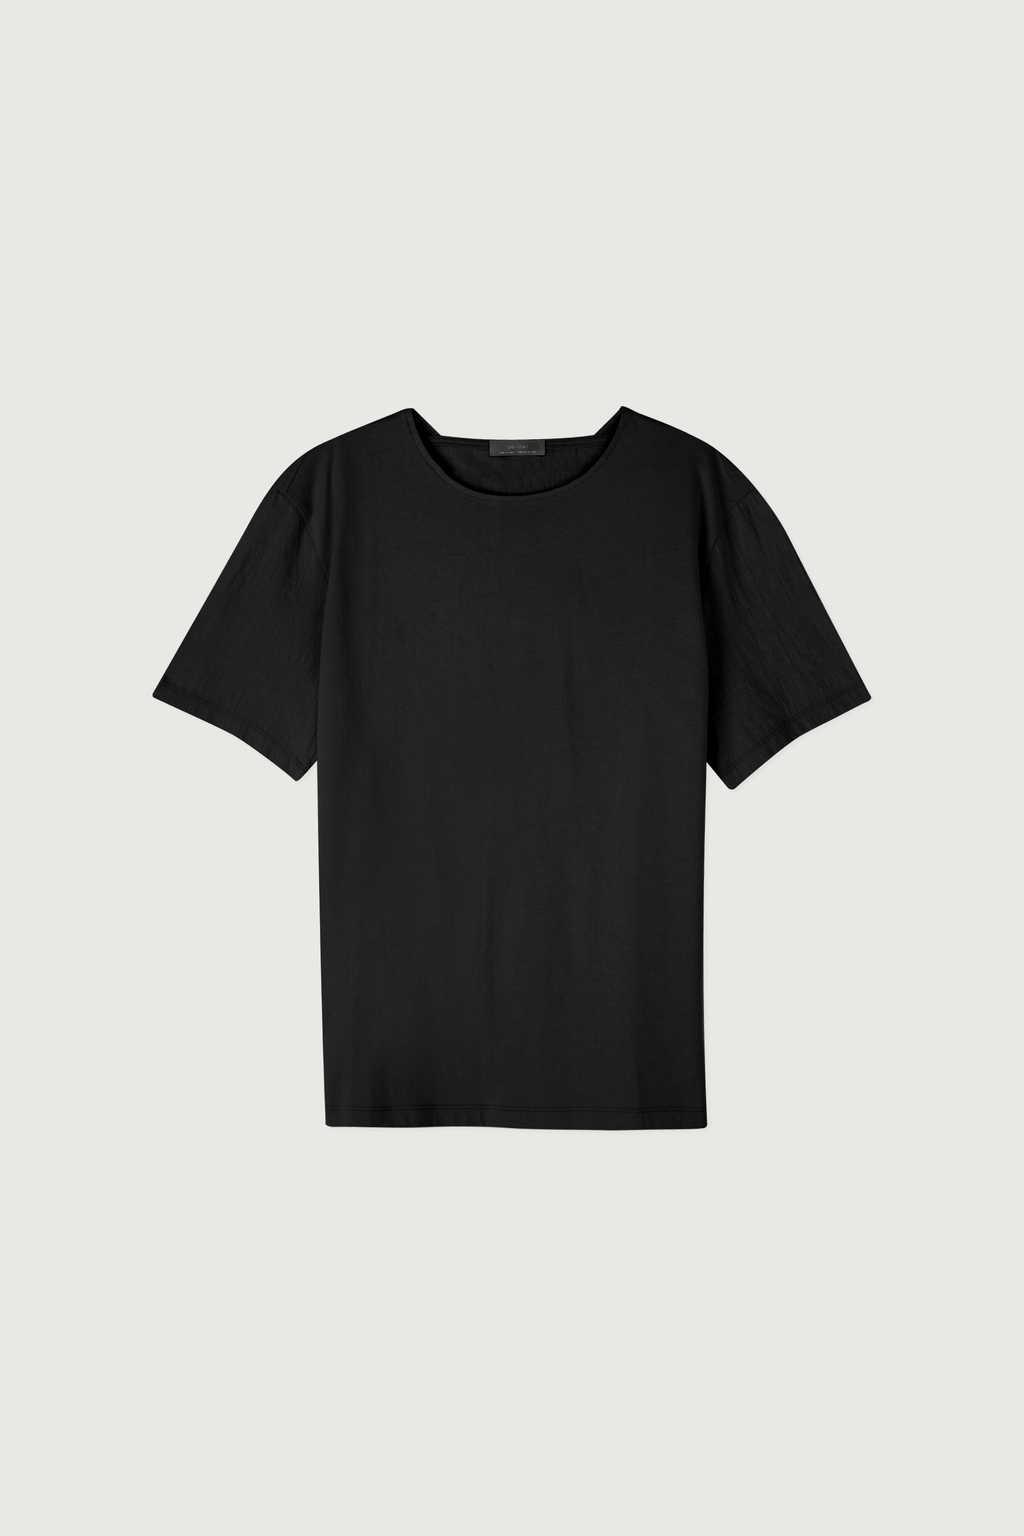 TShirt 3010 Black 7